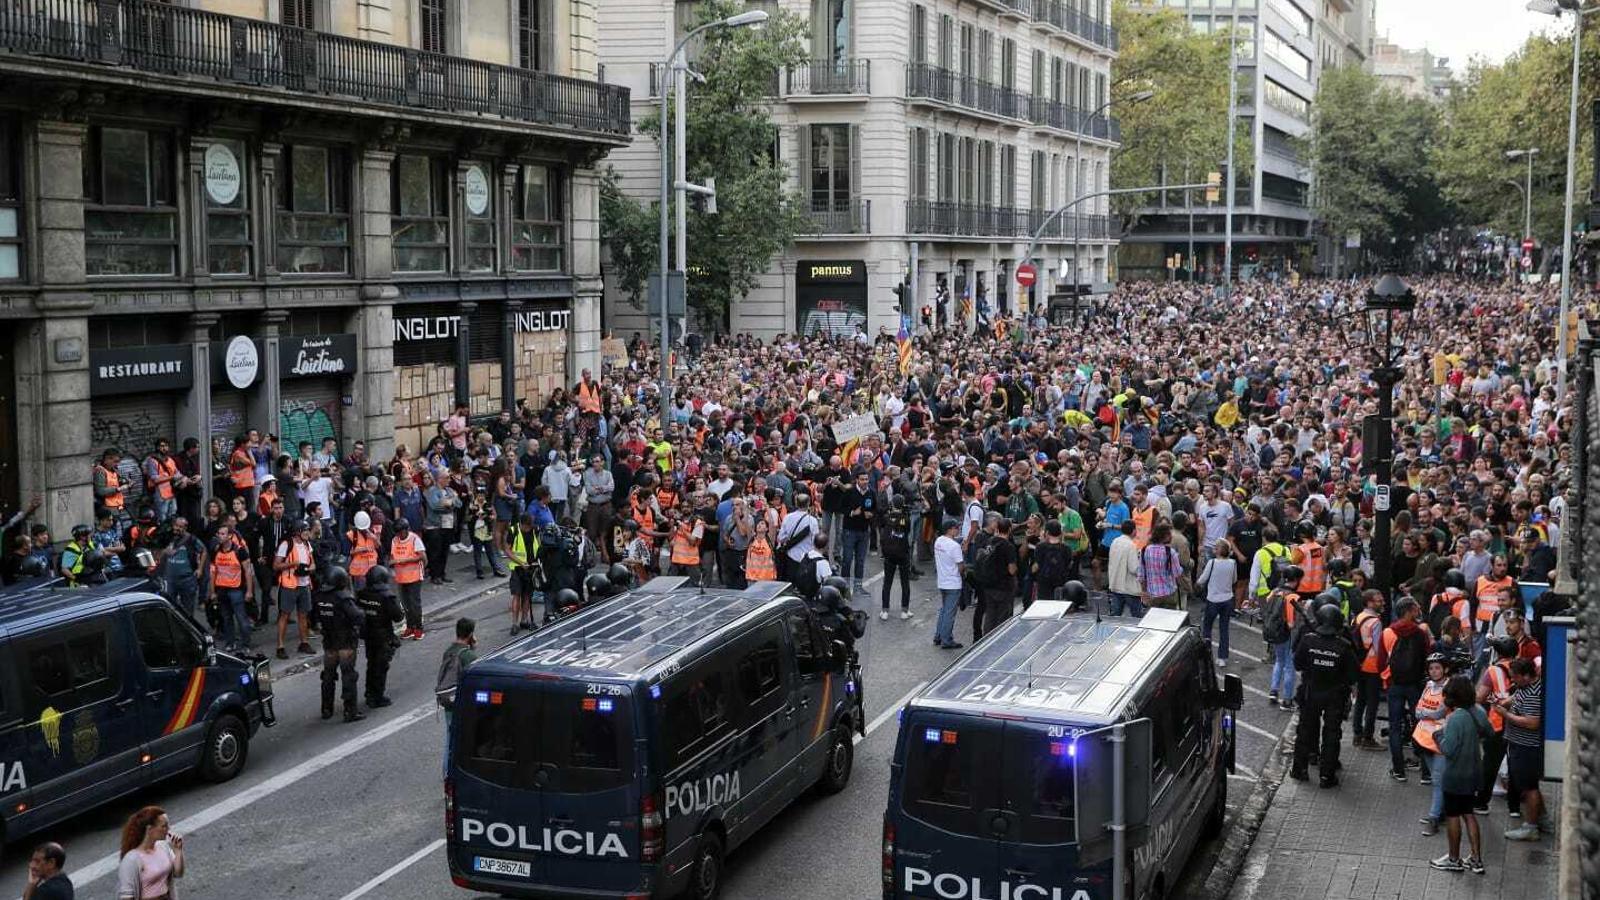 Milers de persones es manifesten en contra de la repressió i la brutalitat policial / CRISTINA CALDERER